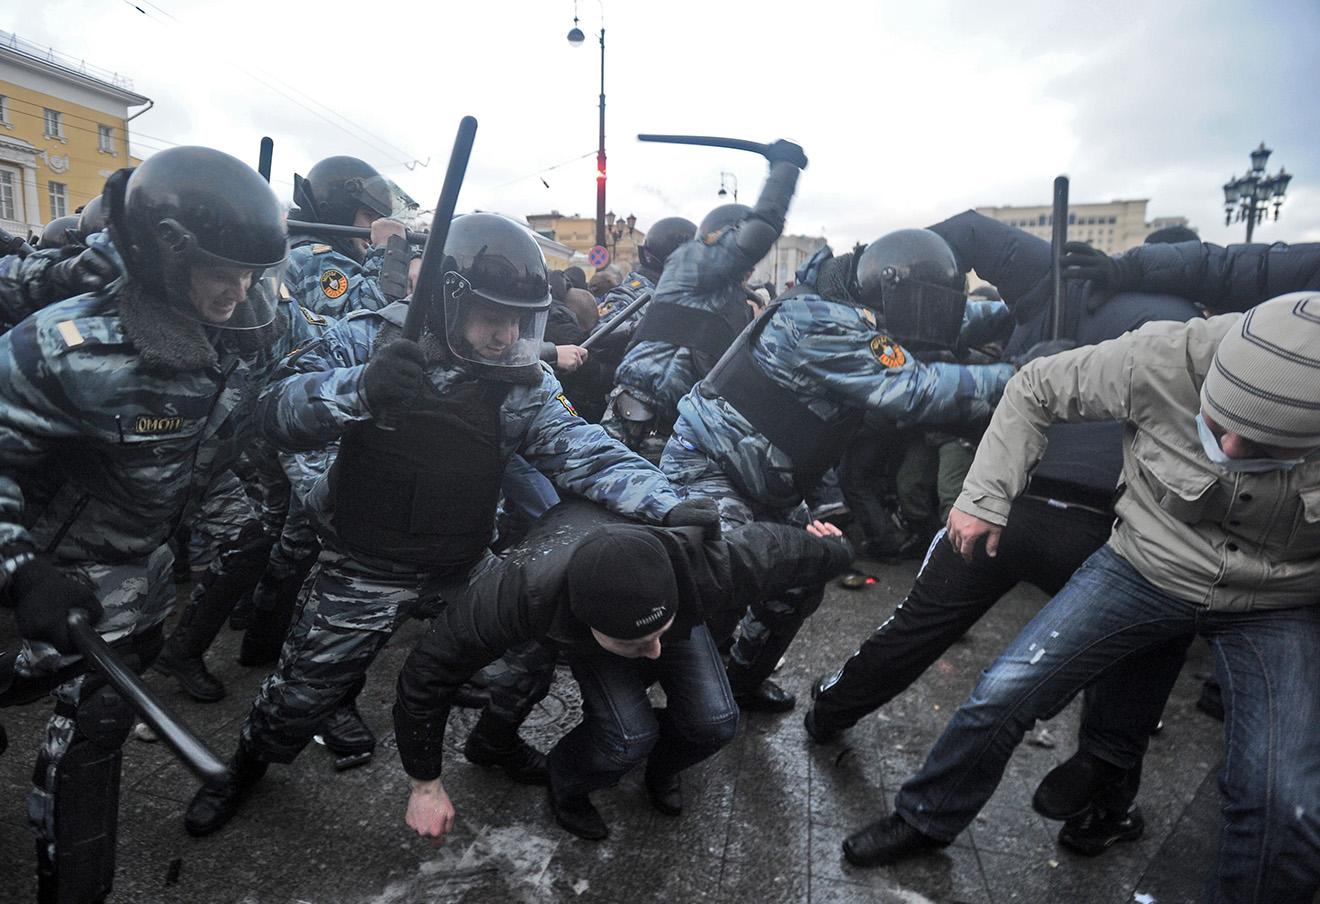 Столкновение сотрудников правоохранительных органов с участниками акции в память о болельщике «Спартака» Егоре Свиридове, 2010 год.